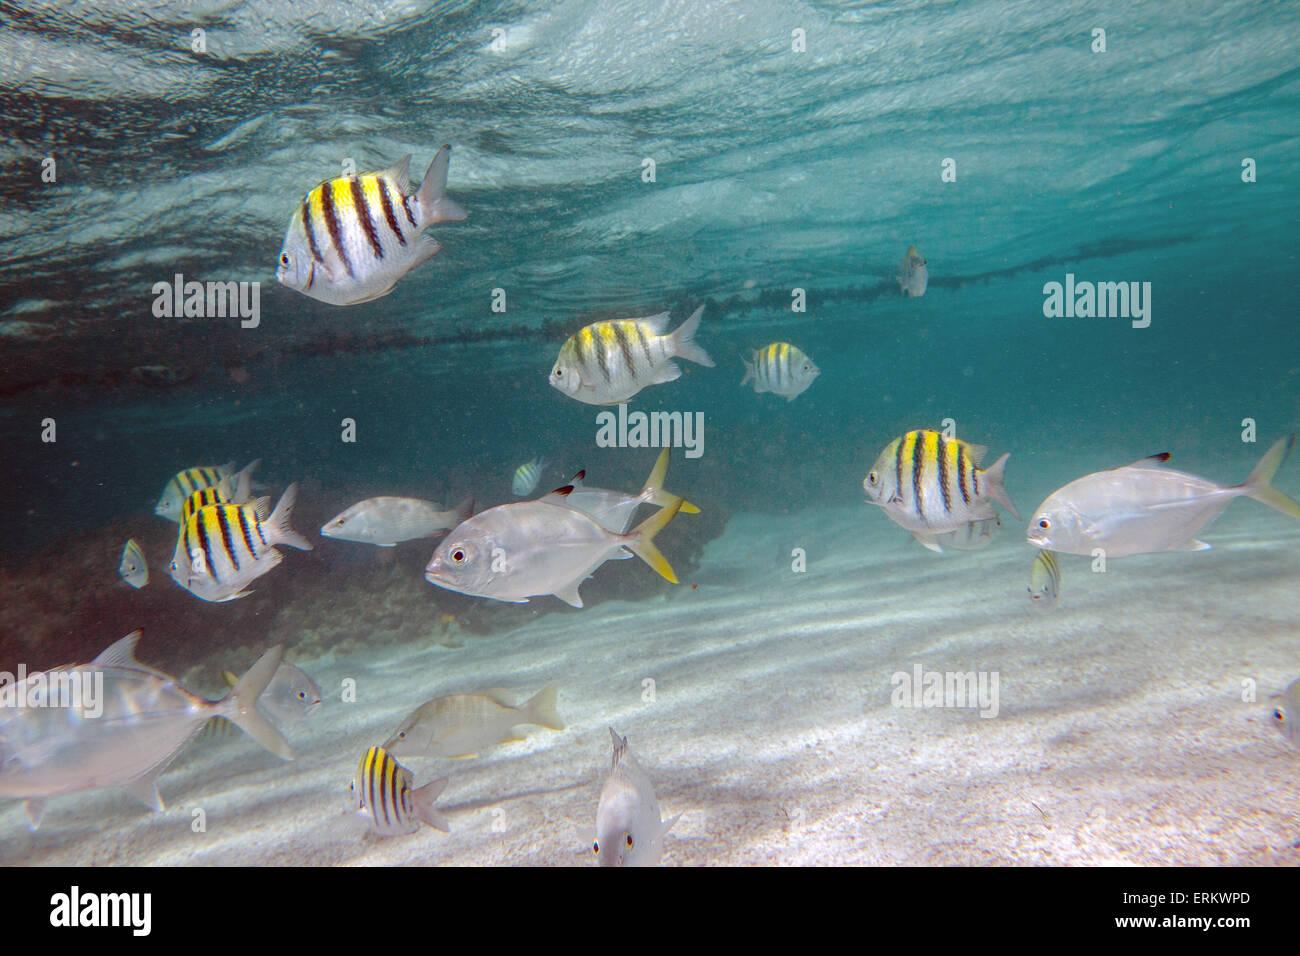 Bunte Fische schwimmen friedlich in Stingray City, ein Heiligtum, wo man seltene Arten wie Rochen, Antigua sehen Stockbild